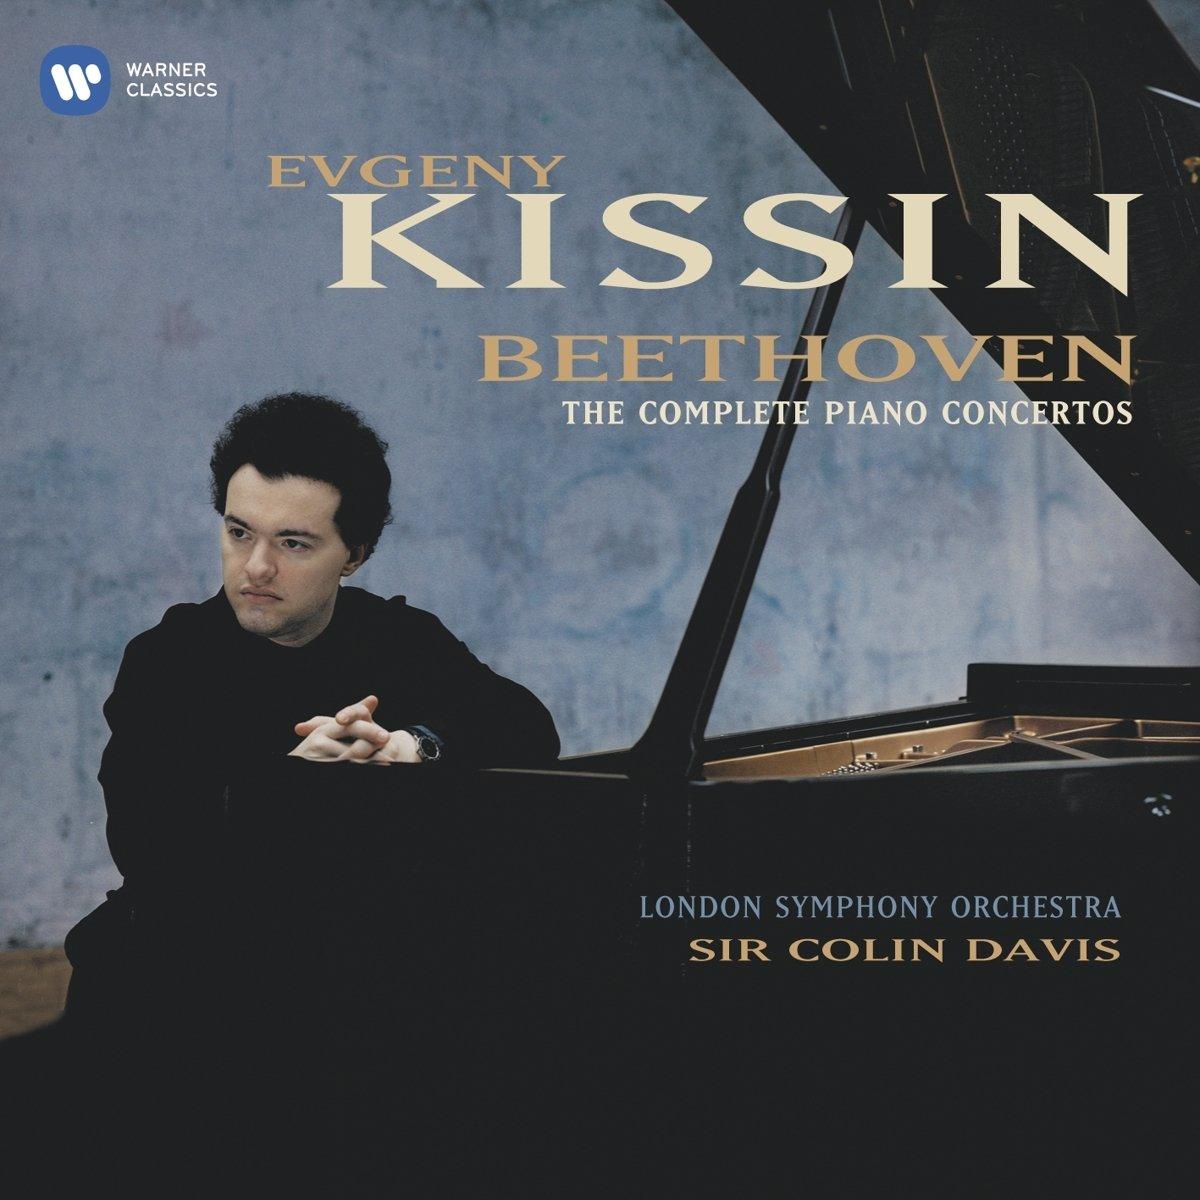 Beethoven: The Complete Piano Concertos by Warner Bros.